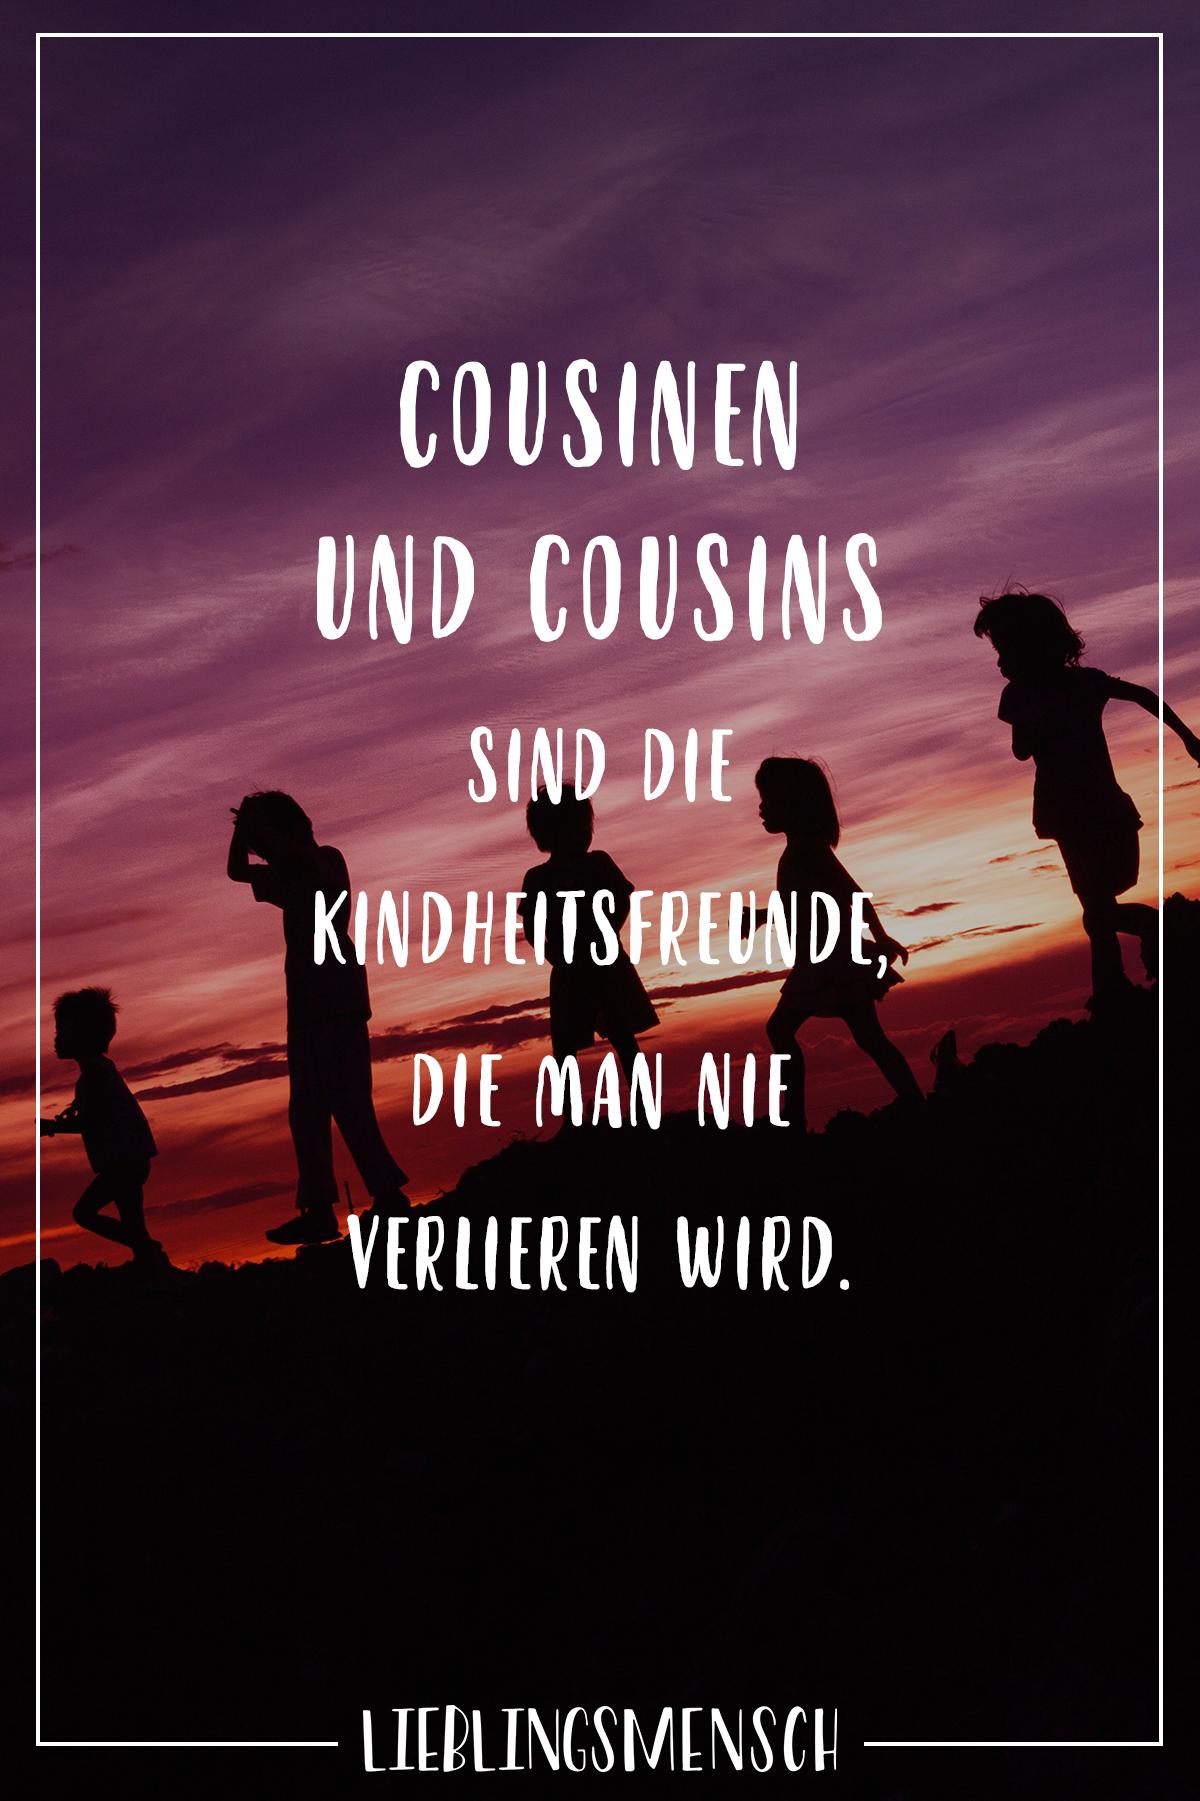 Visual Statements®️ Cousinen und Cousins sind die